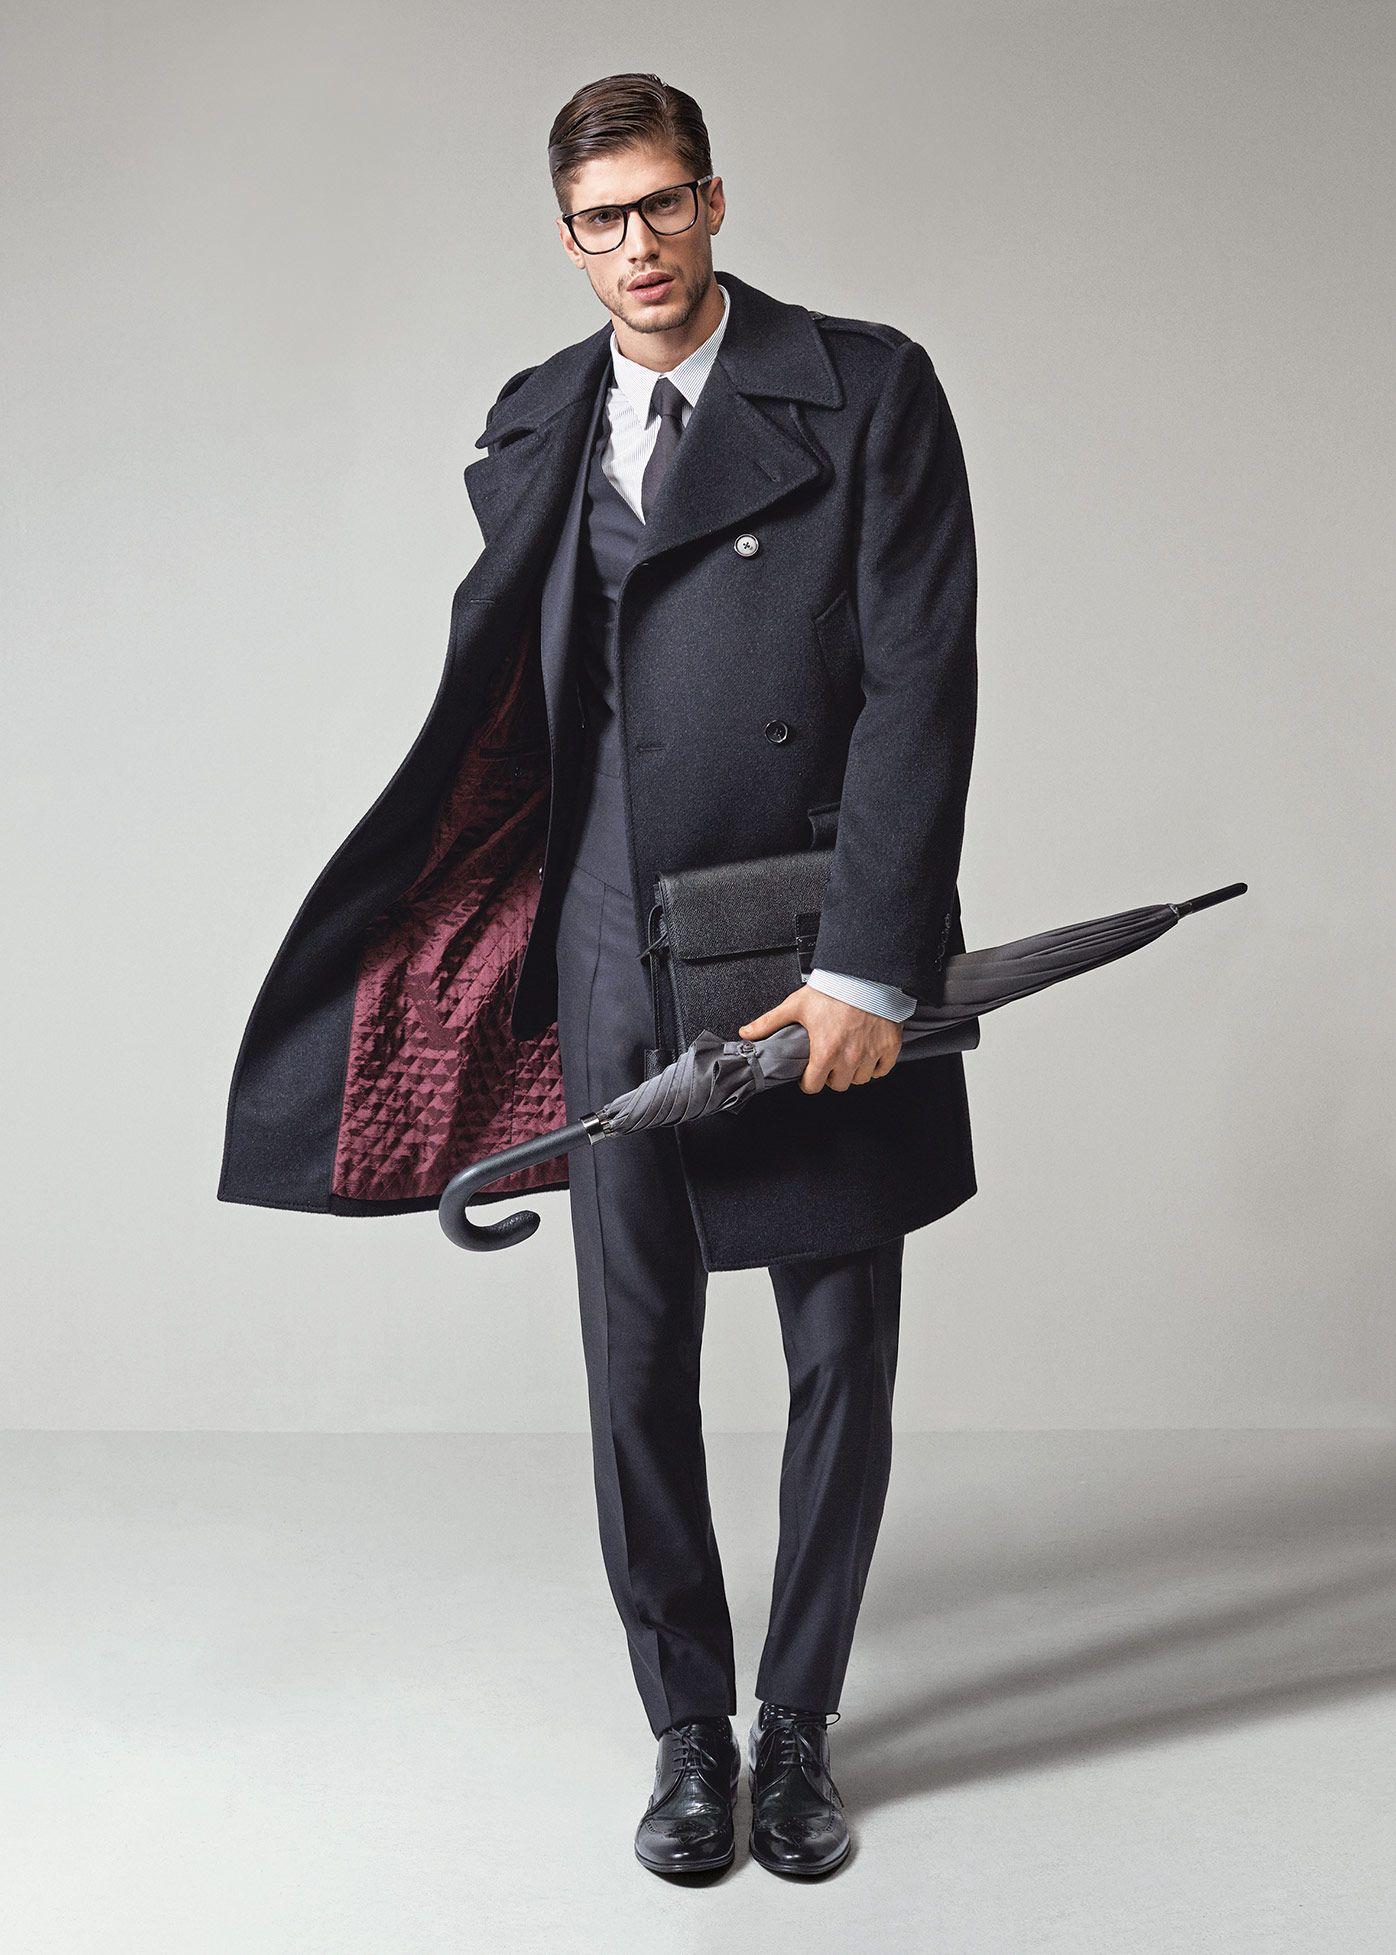 5d5bca9857 Dolce & Gabbana Abbigliamento Uomo Inverno 2016 | Pasidivat nel 2019 ...